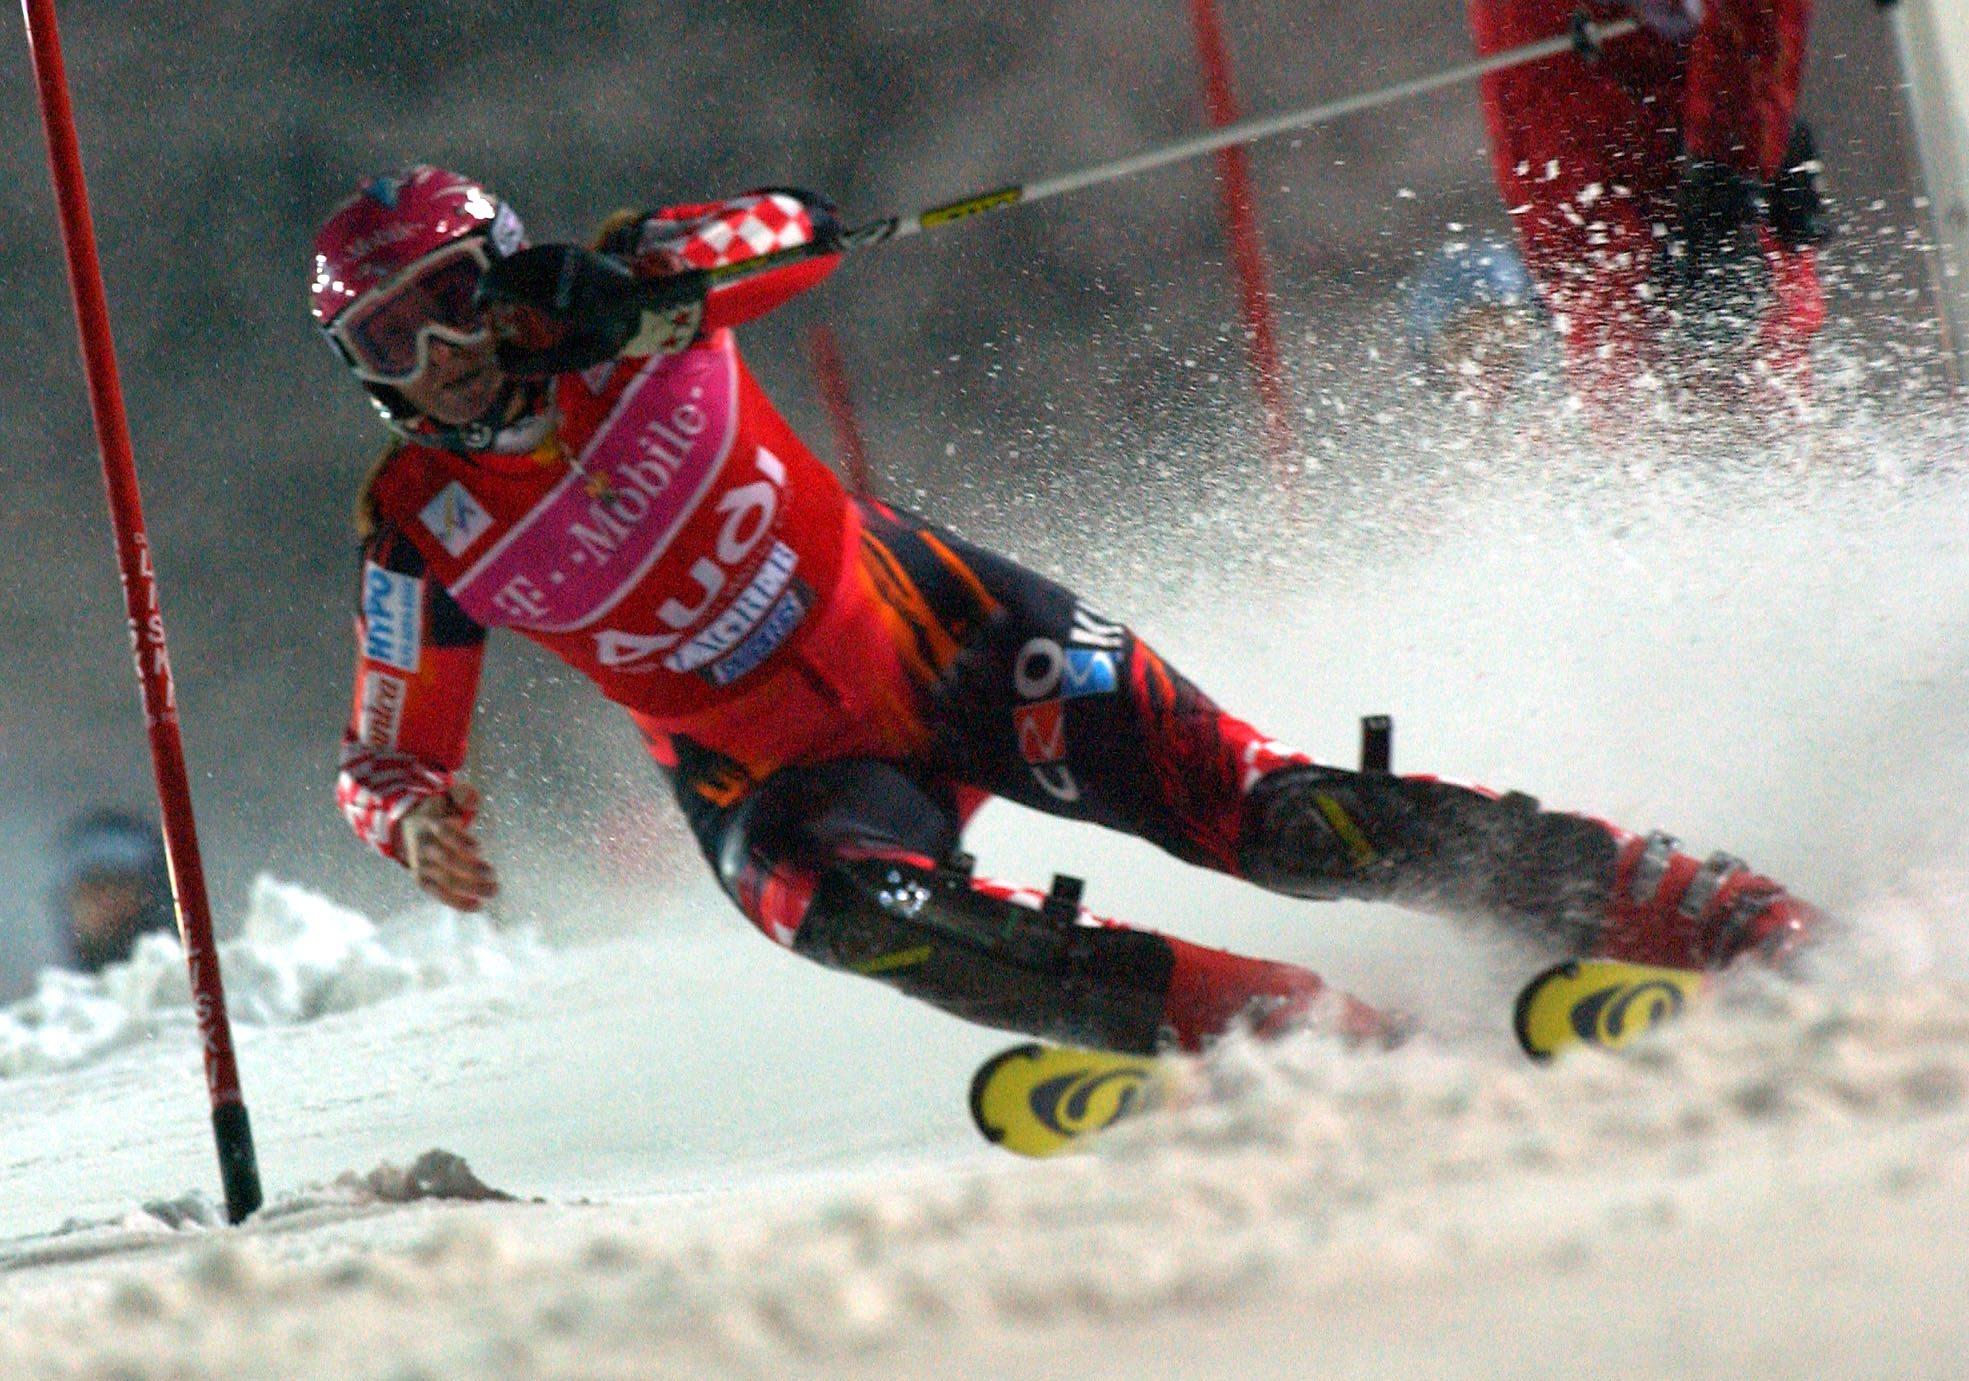 zagreb, 05012006 snjezna kraljica sljeme skijanje slalom janica kostelic foto:srdan vrancic -spo- -desk- -zag- -web-